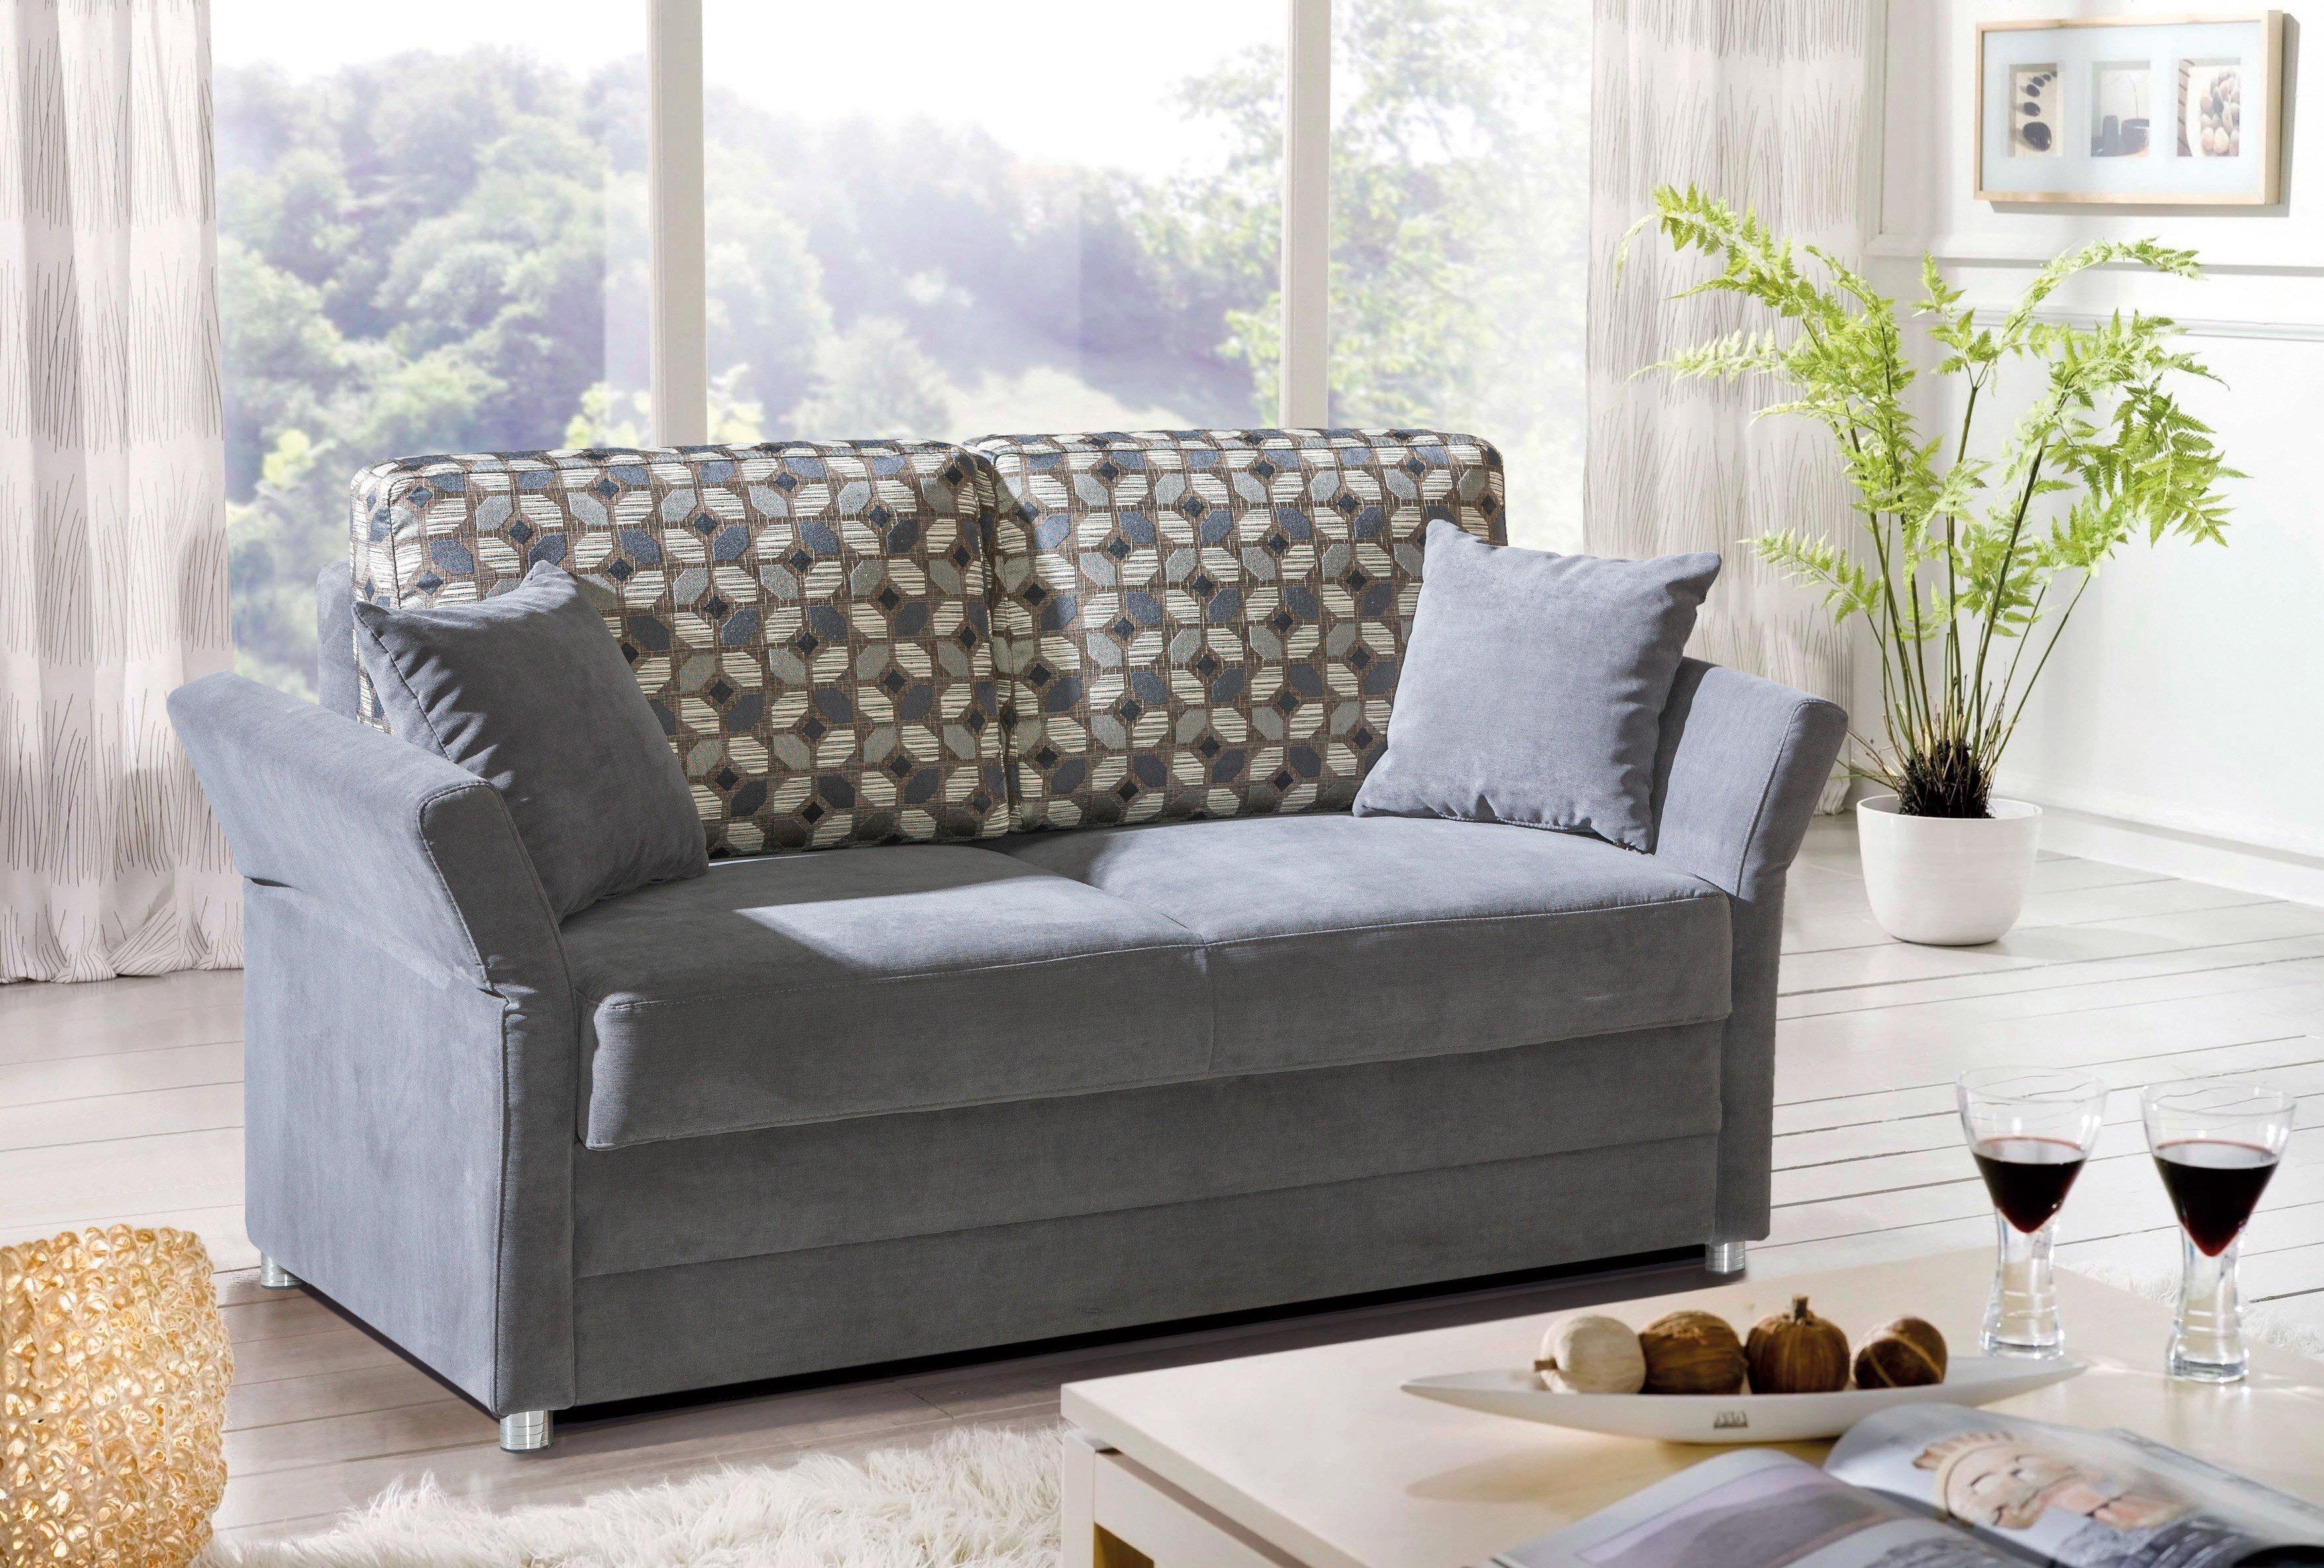 restyl mila renzo schlafsofa in anthrazit mit klappbaren armlehnen l m bel letz ihr online shop. Black Bedroom Furniture Sets. Home Design Ideas